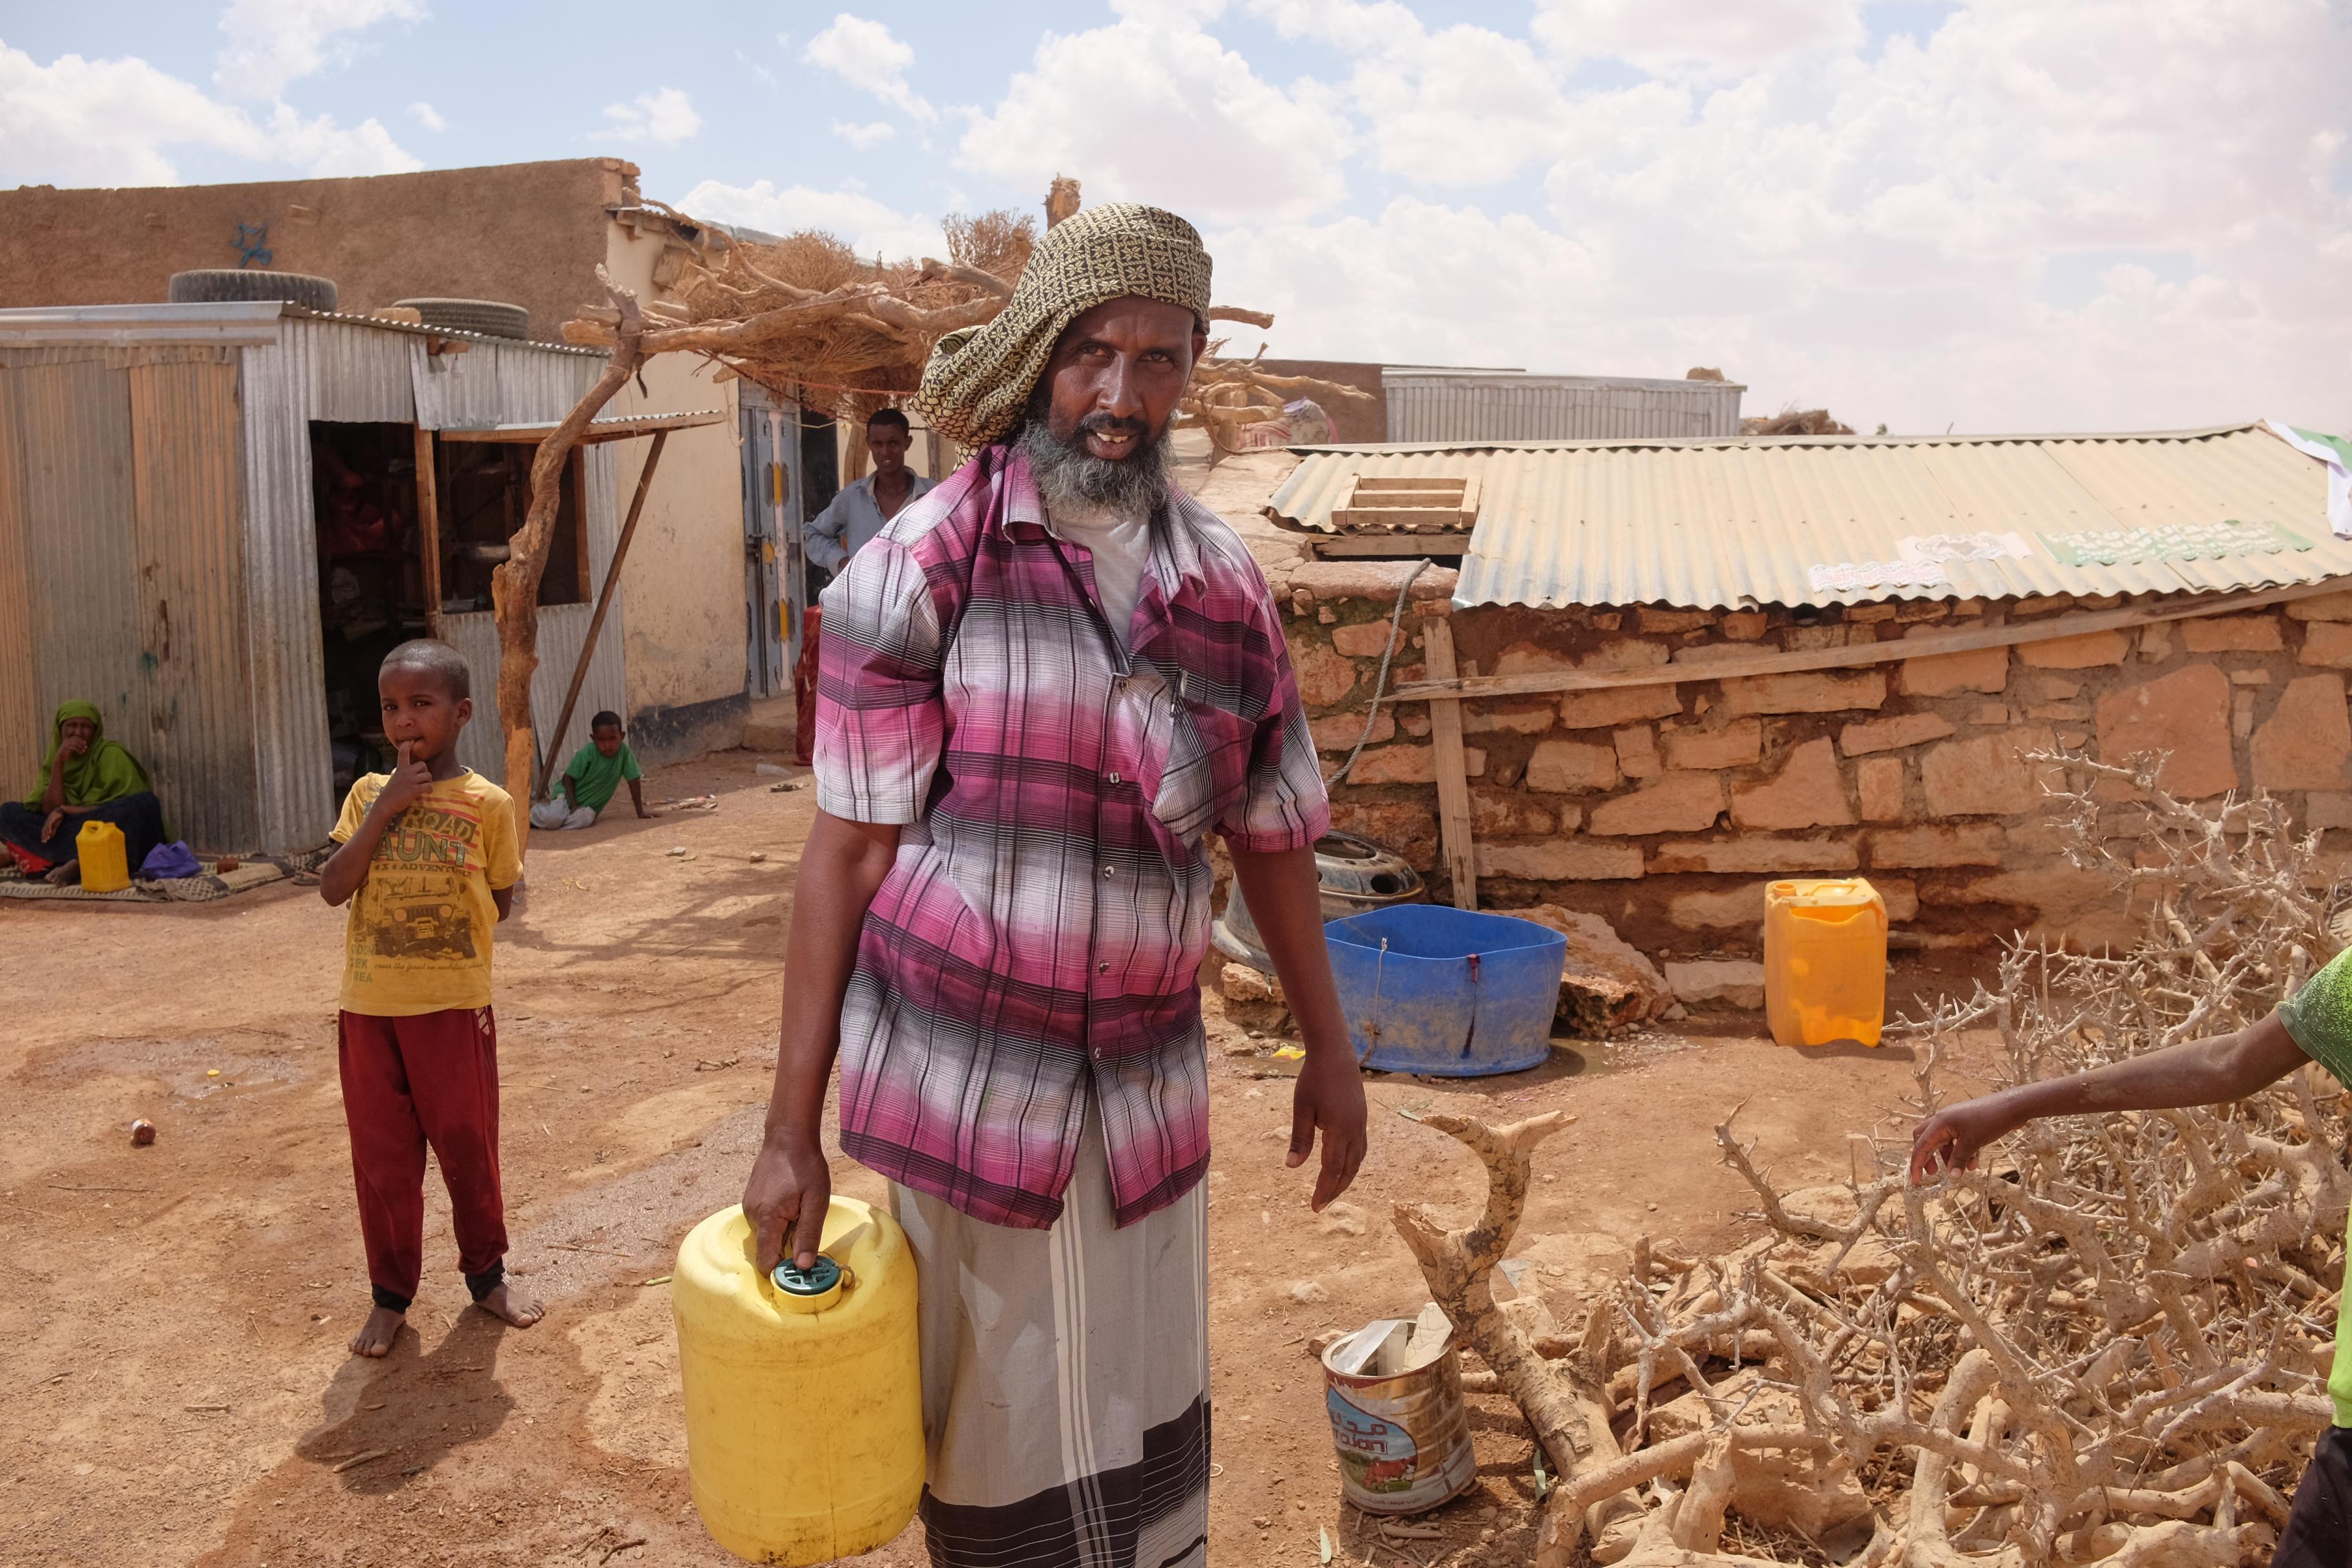 Abdile holt sauberes Wasser von einem von Oxfam bereitgestellten Wassertankwagen.